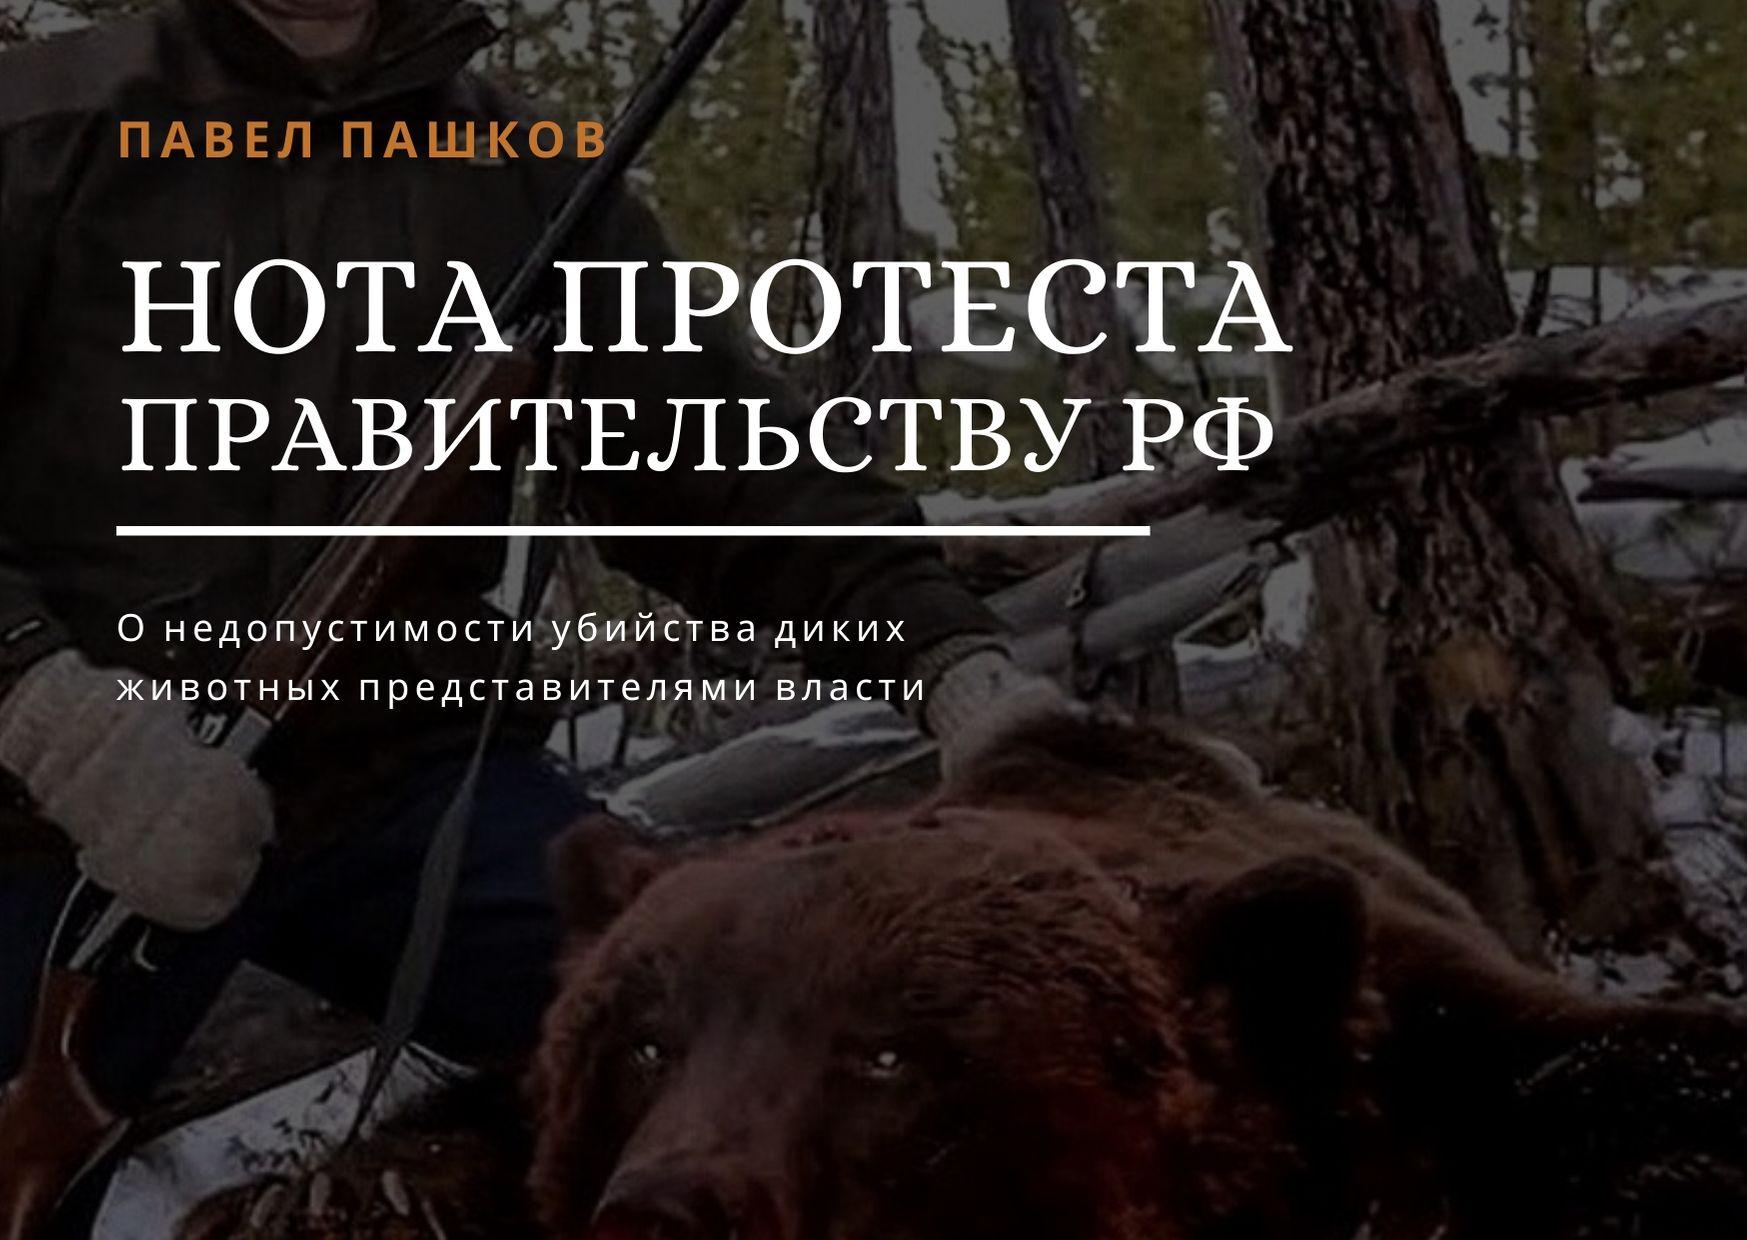 Нота протеста Правительству РФ о недопустимости убийства диких животных представителями власти!